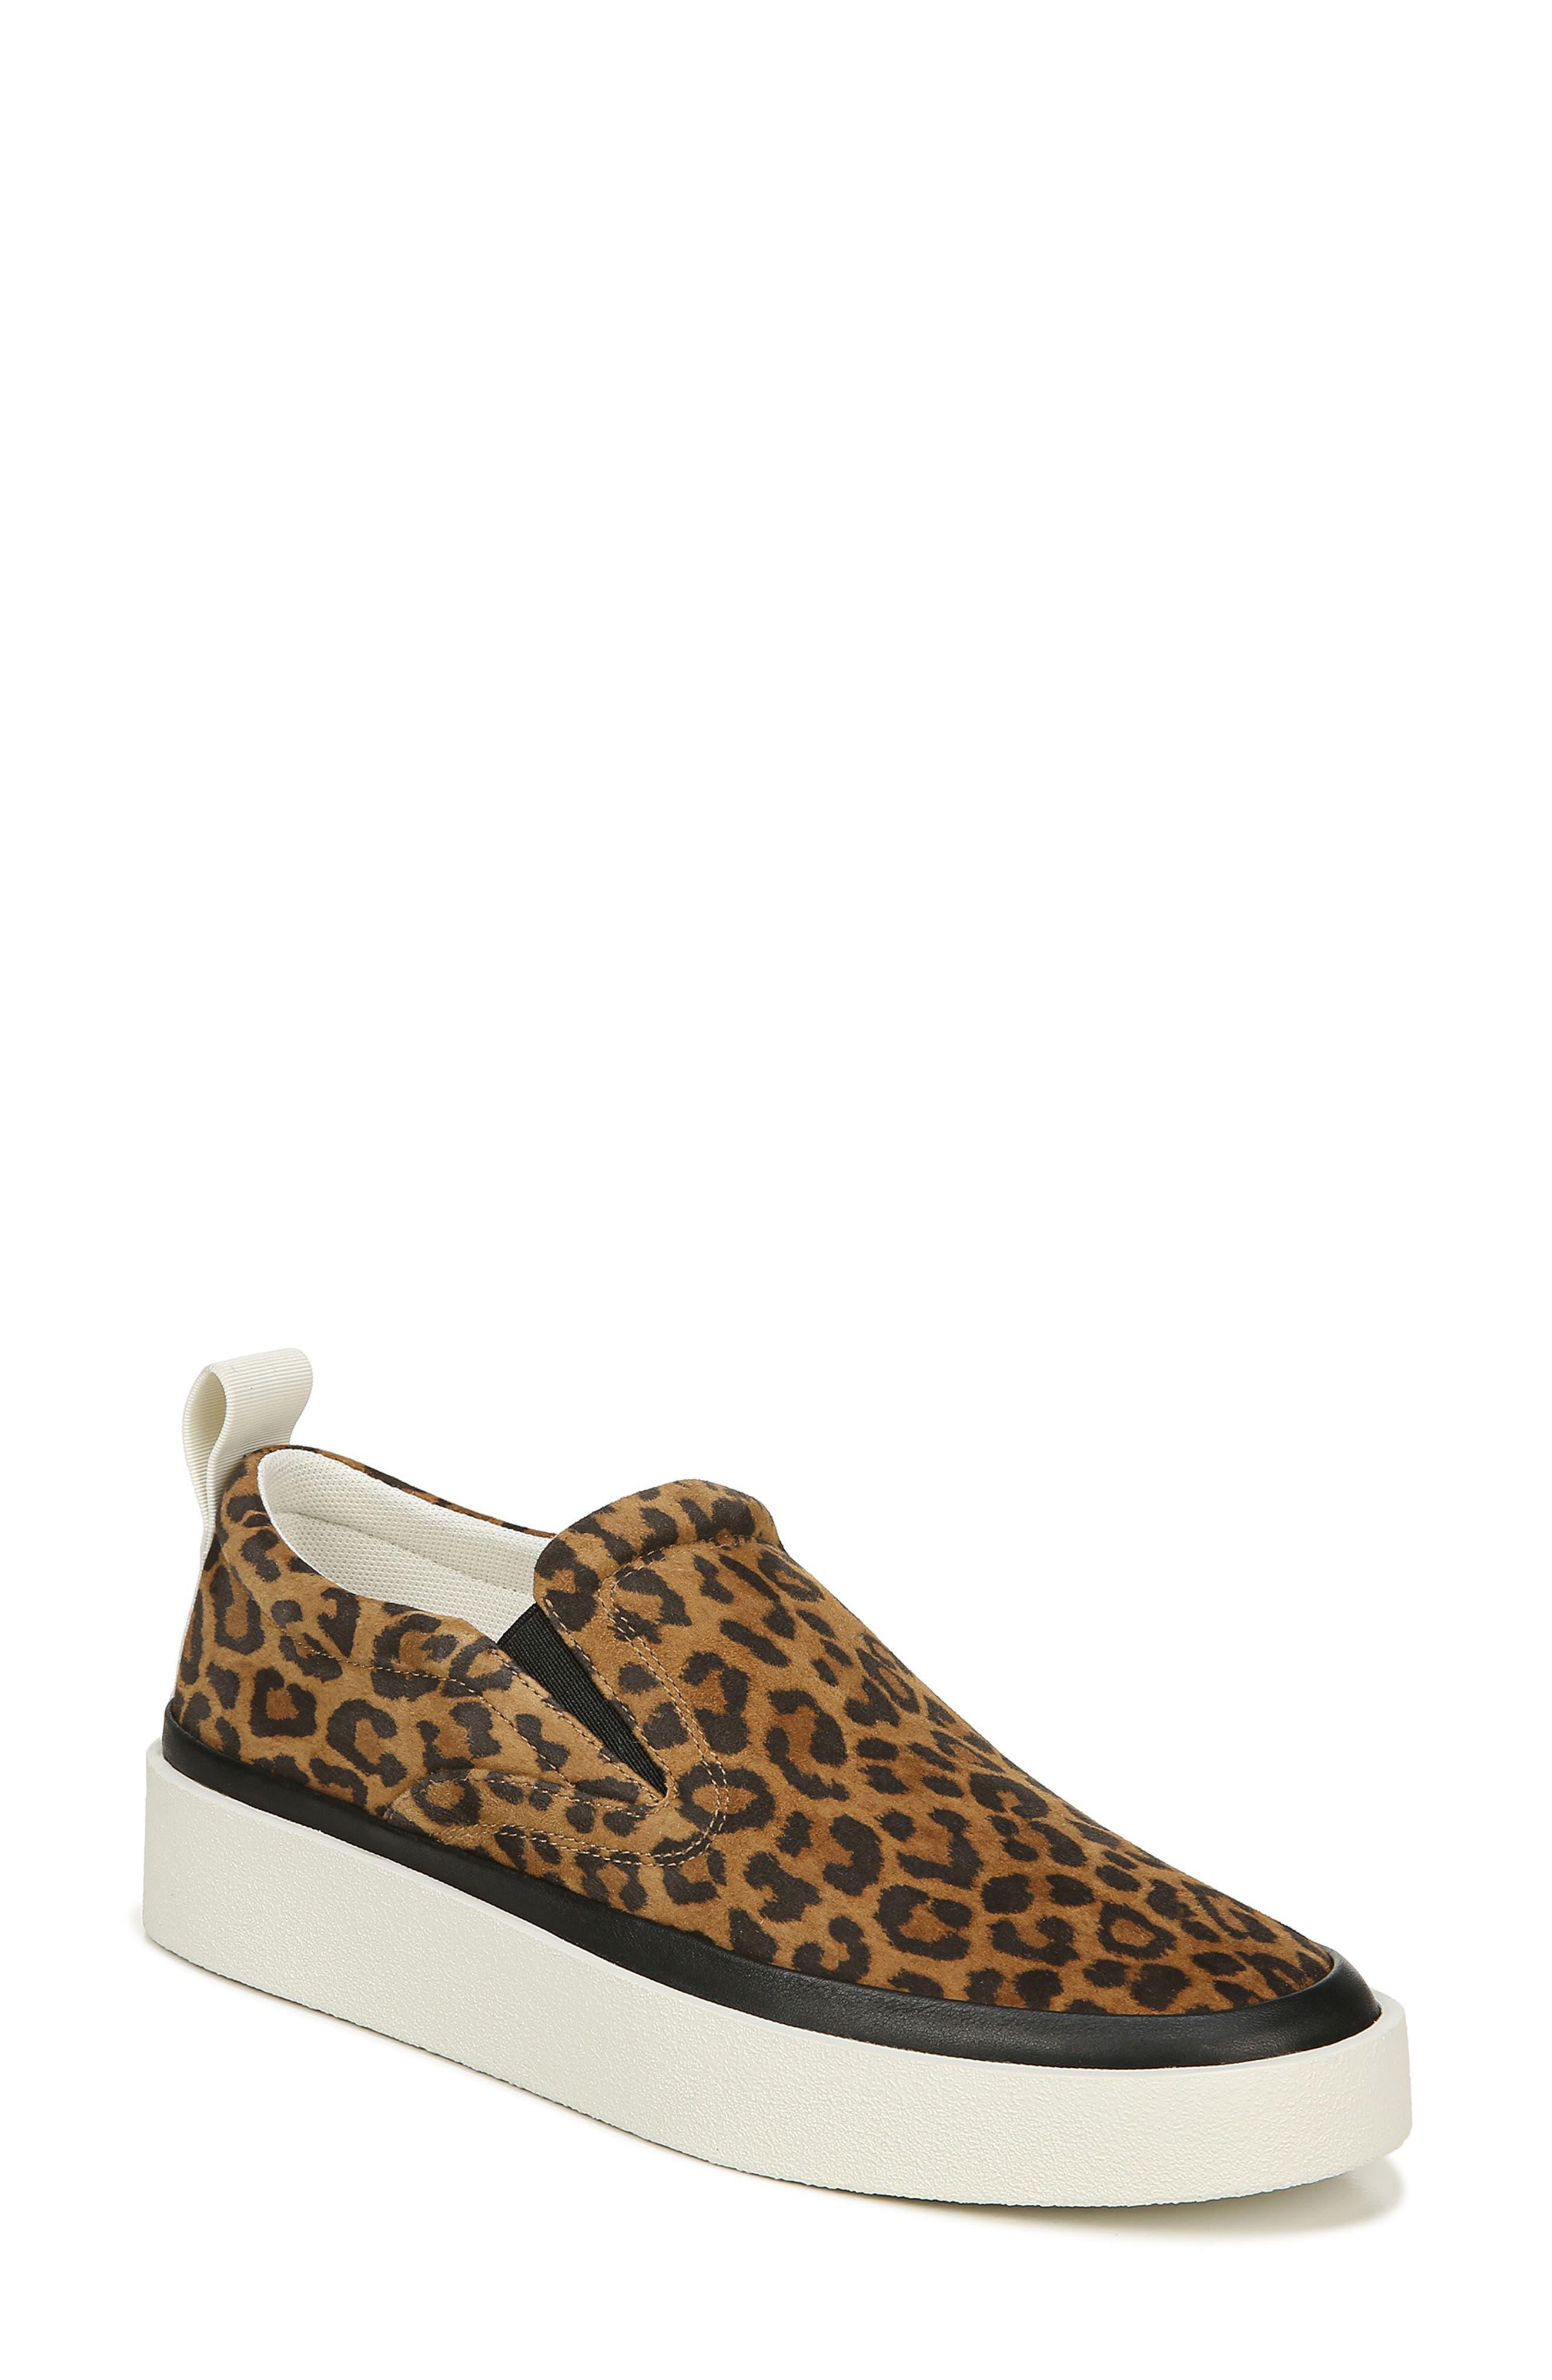 Image of Via Spiga Markie Slip-On Sneaker